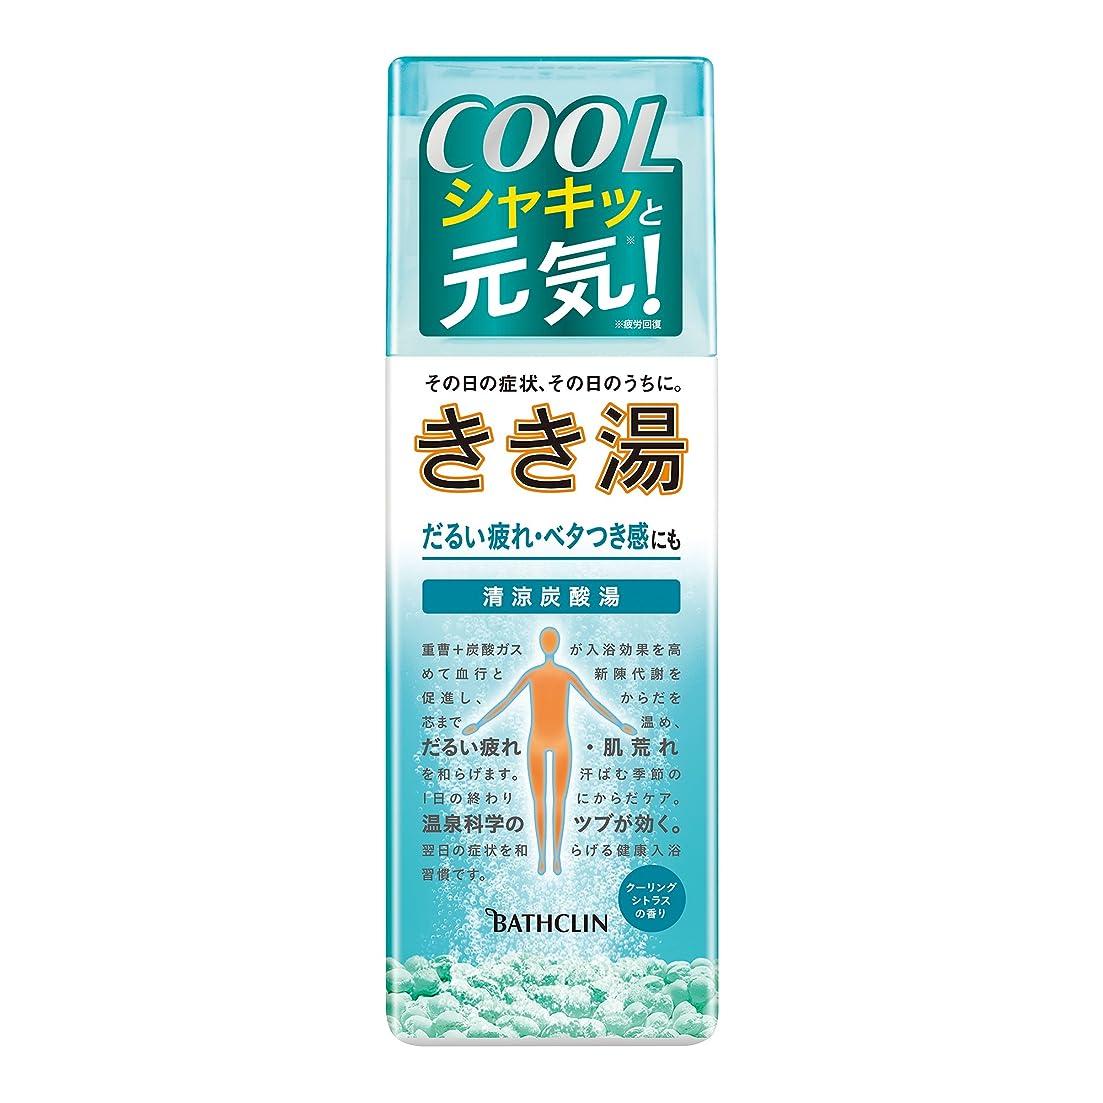 設置繕う怠惰【医薬部外品】きき湯清涼炭酸湯クーリングシトラスの香り360gスカイブルーの湯透明タイプ入浴剤